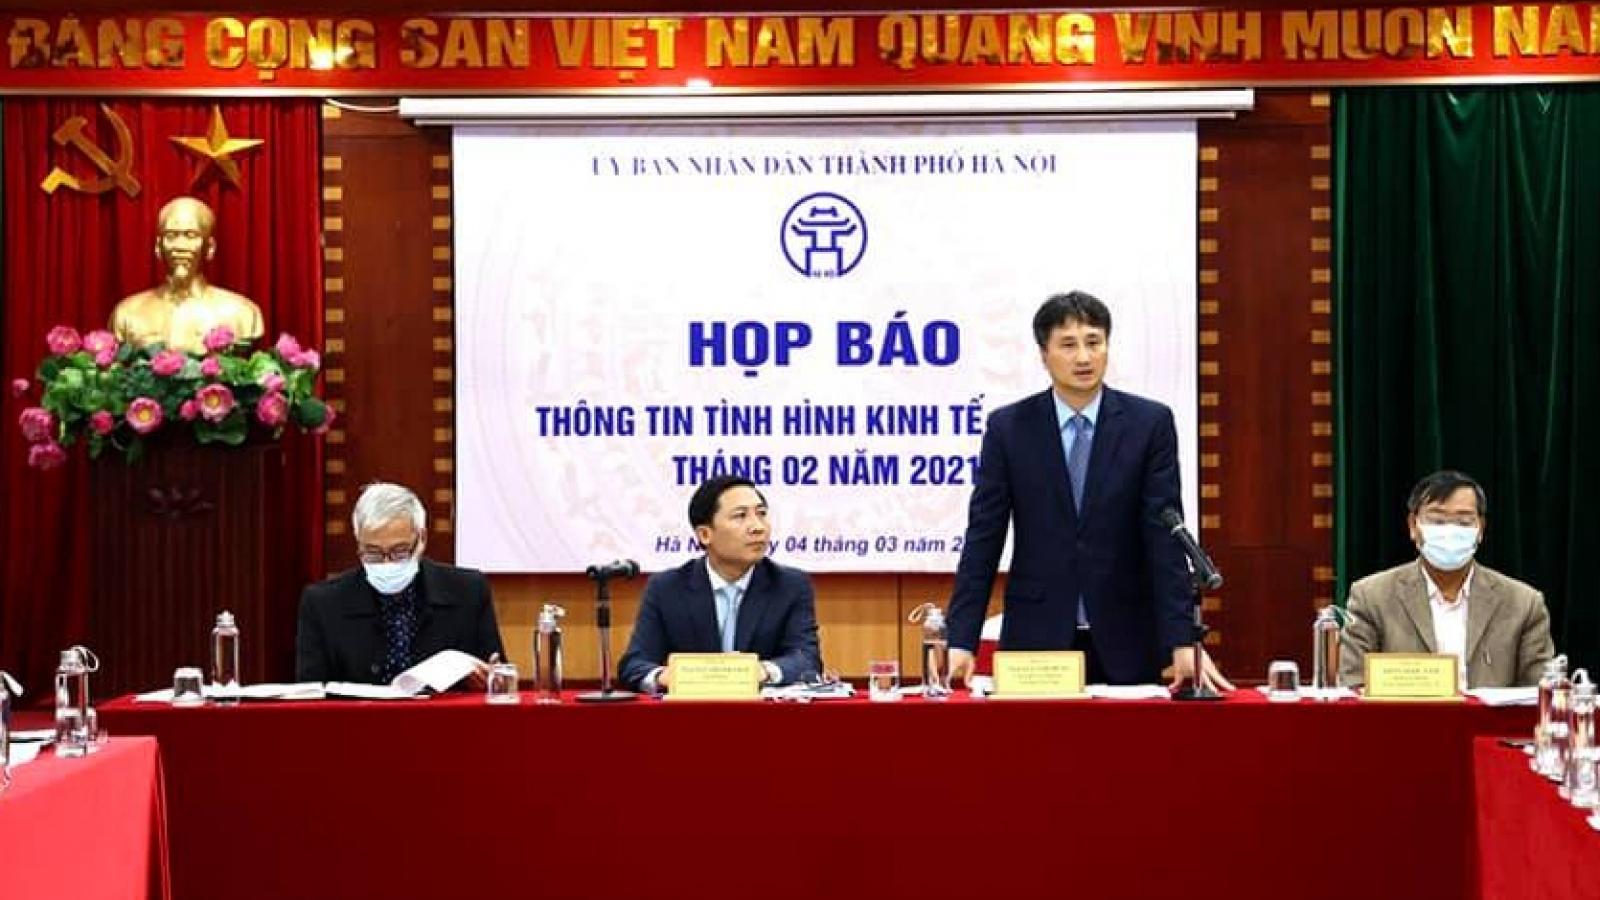 Hà Nội sẽ tổ chức họp báo thường kỳ cung cấp thông tin cho báo chí